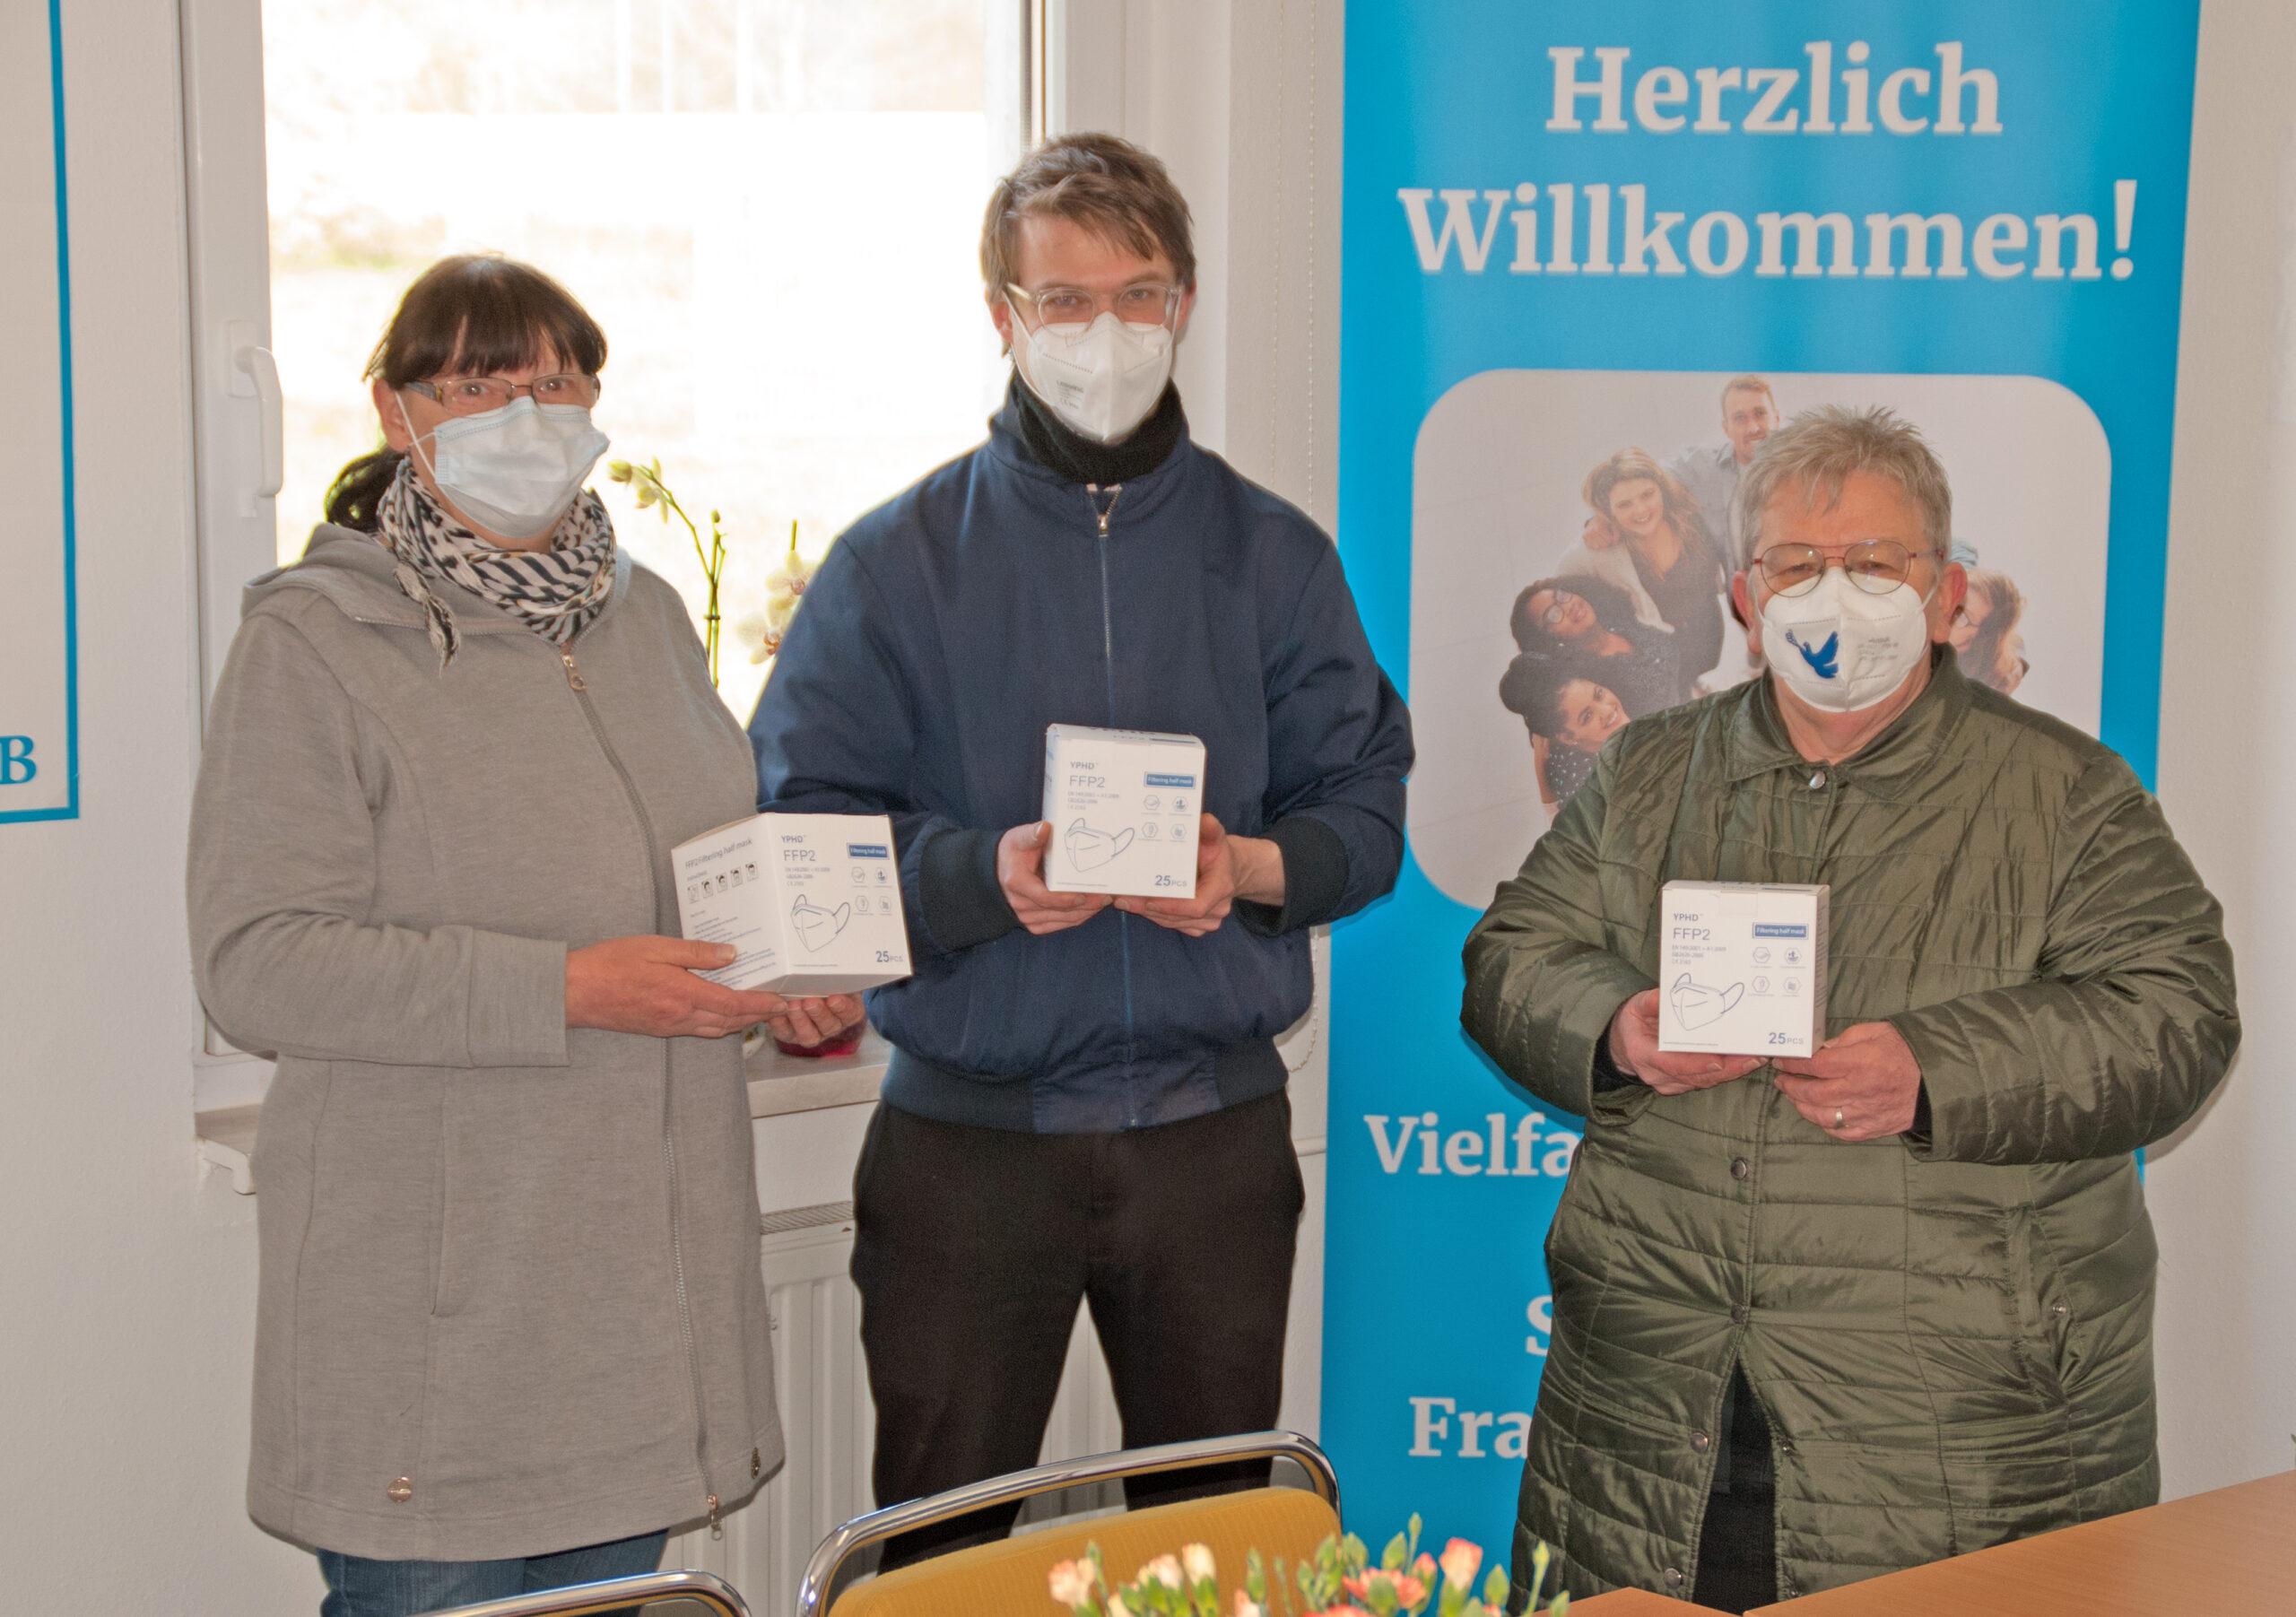 Frau Koschwitz, Stefan Kunath und Bettina Fortunato in der Gemeinschaftsunterkunft Seefichten